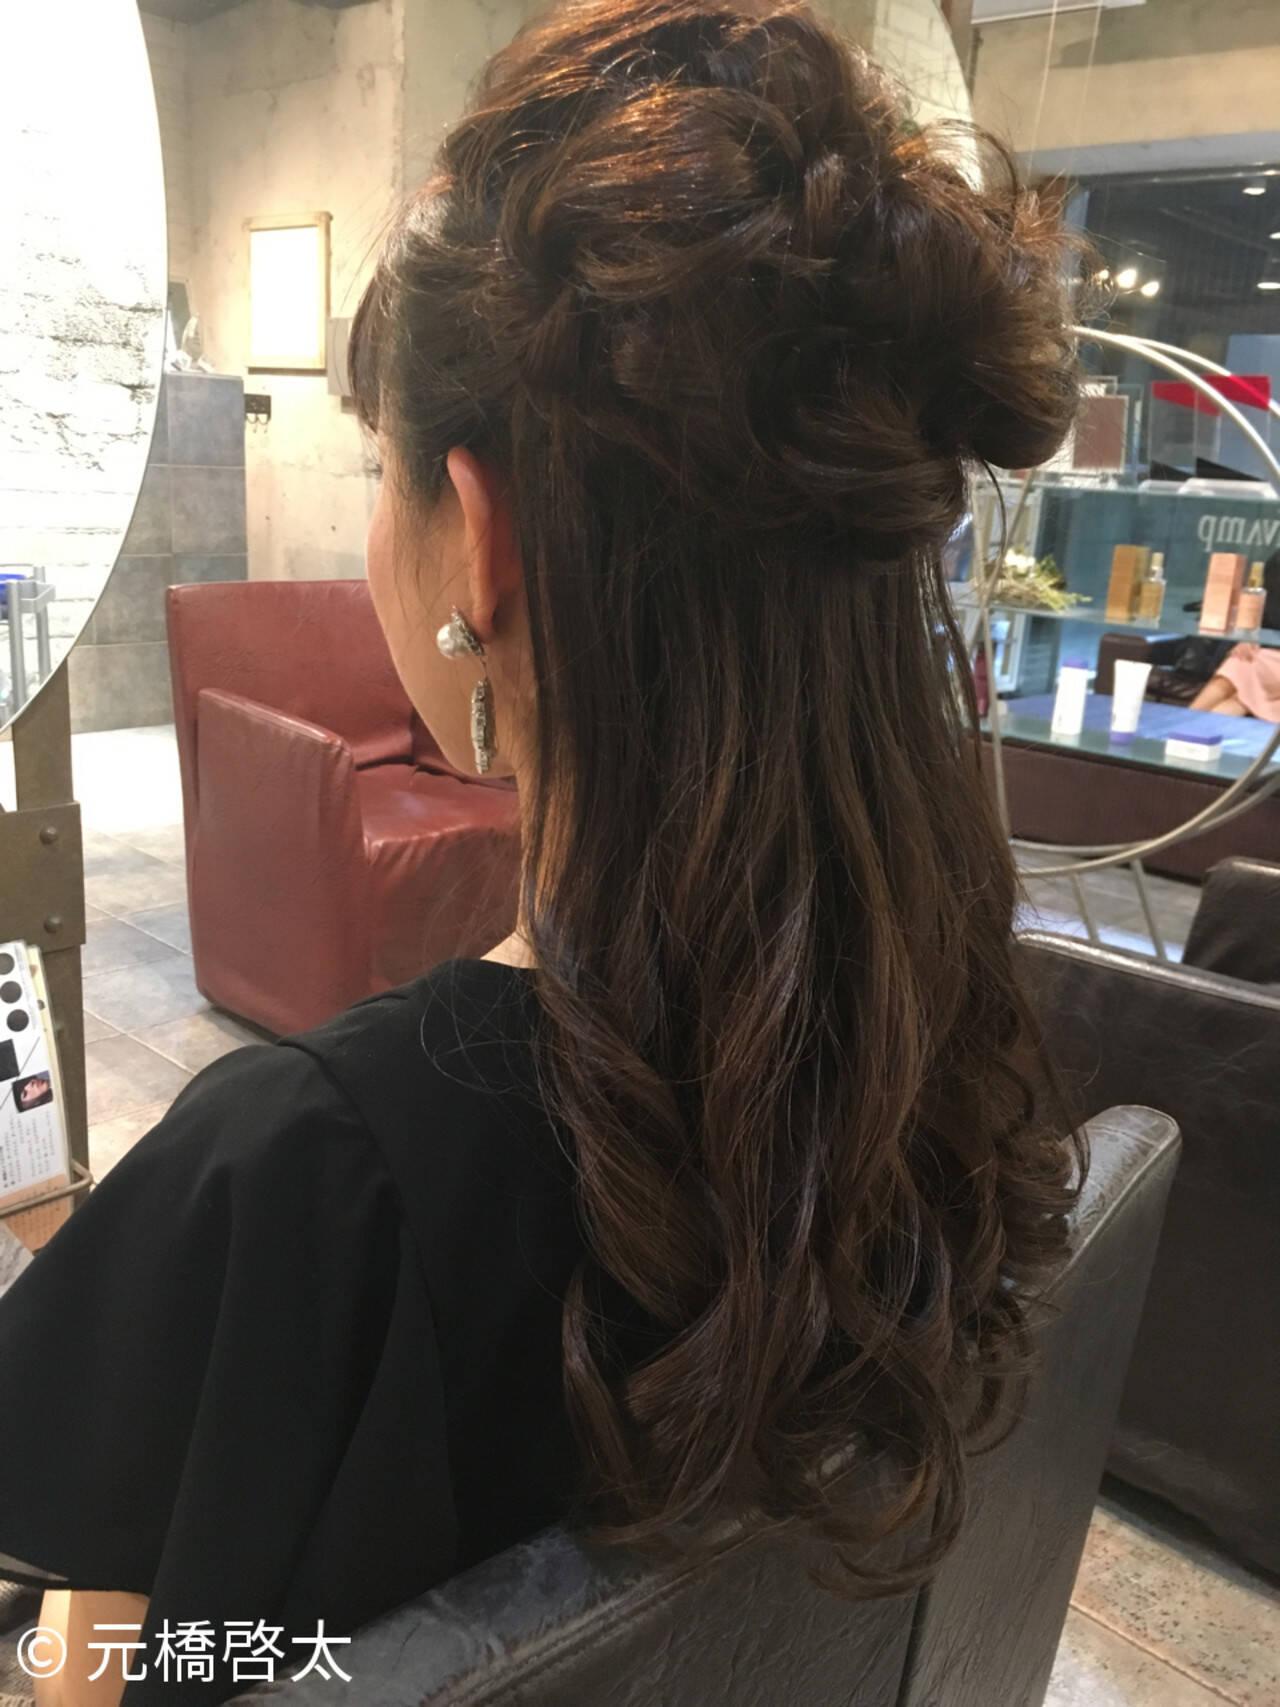 ロング ヘアアレンジ ショート 編み込みヘアスタイルや髪型の写真・画像